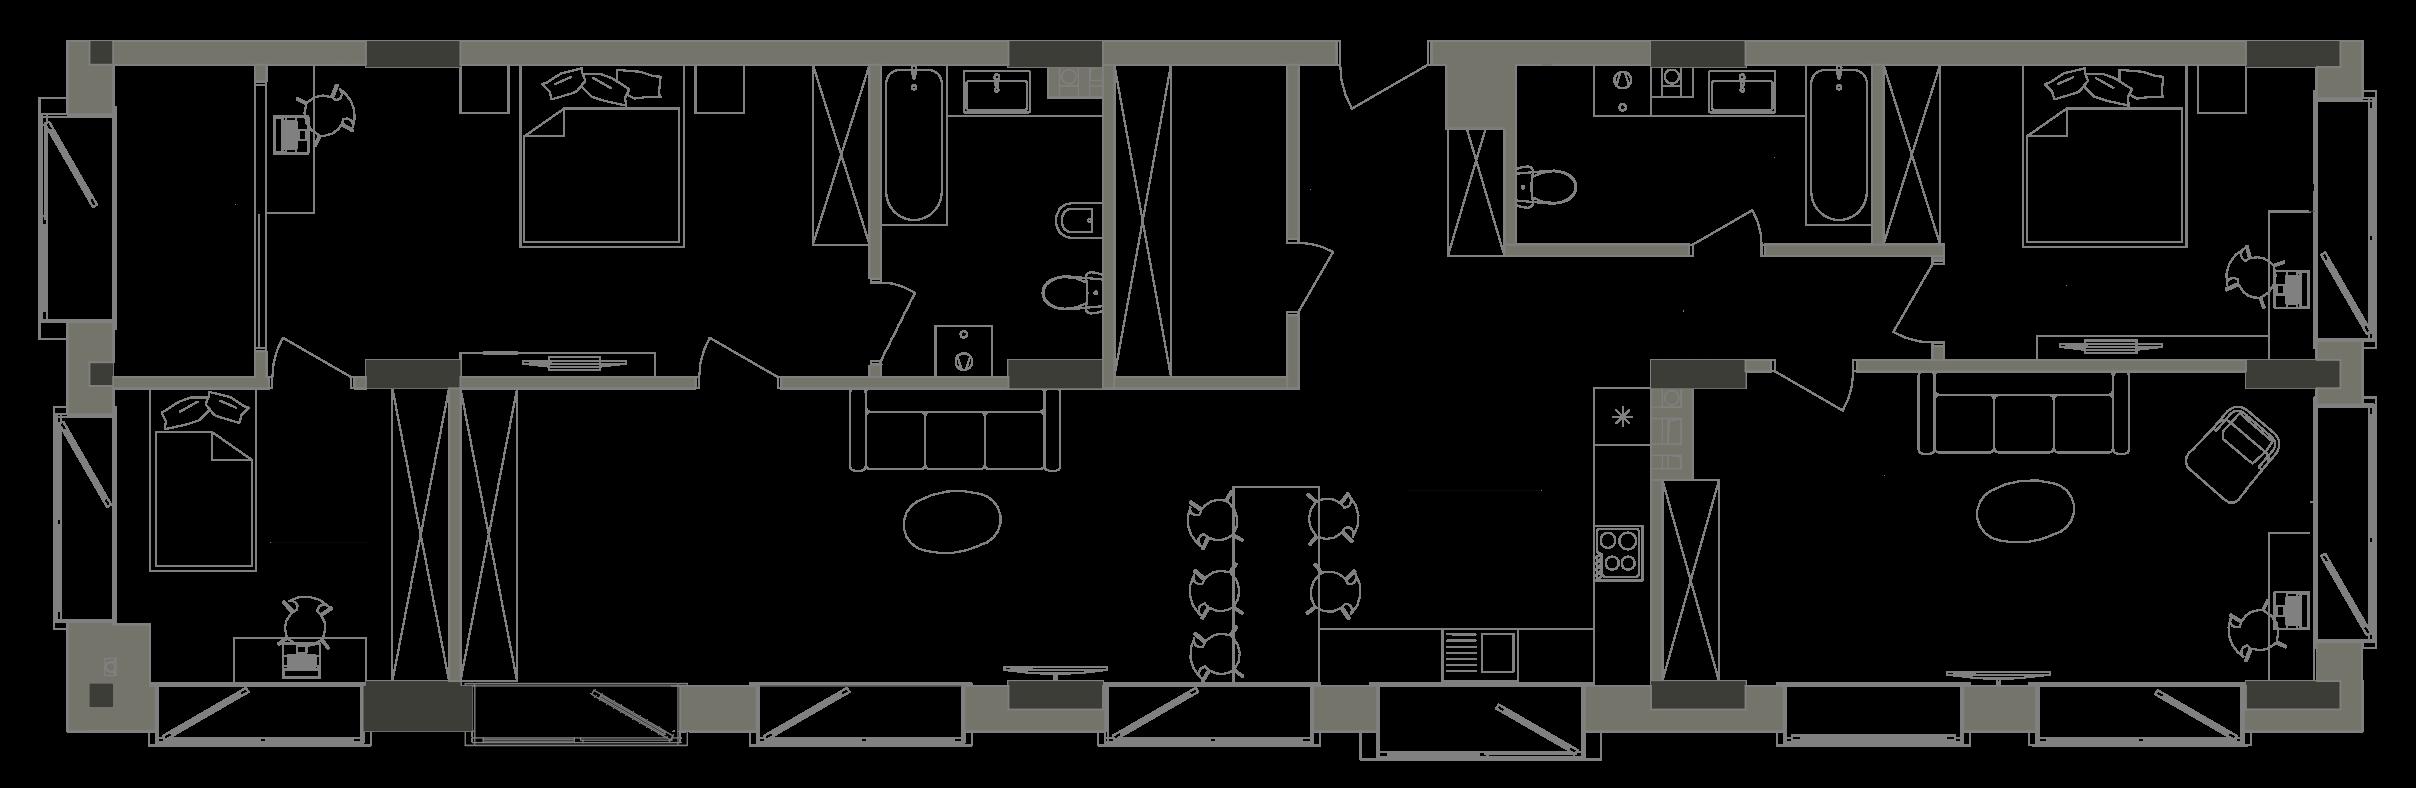 Квартира KV_40_4G_1_1_2